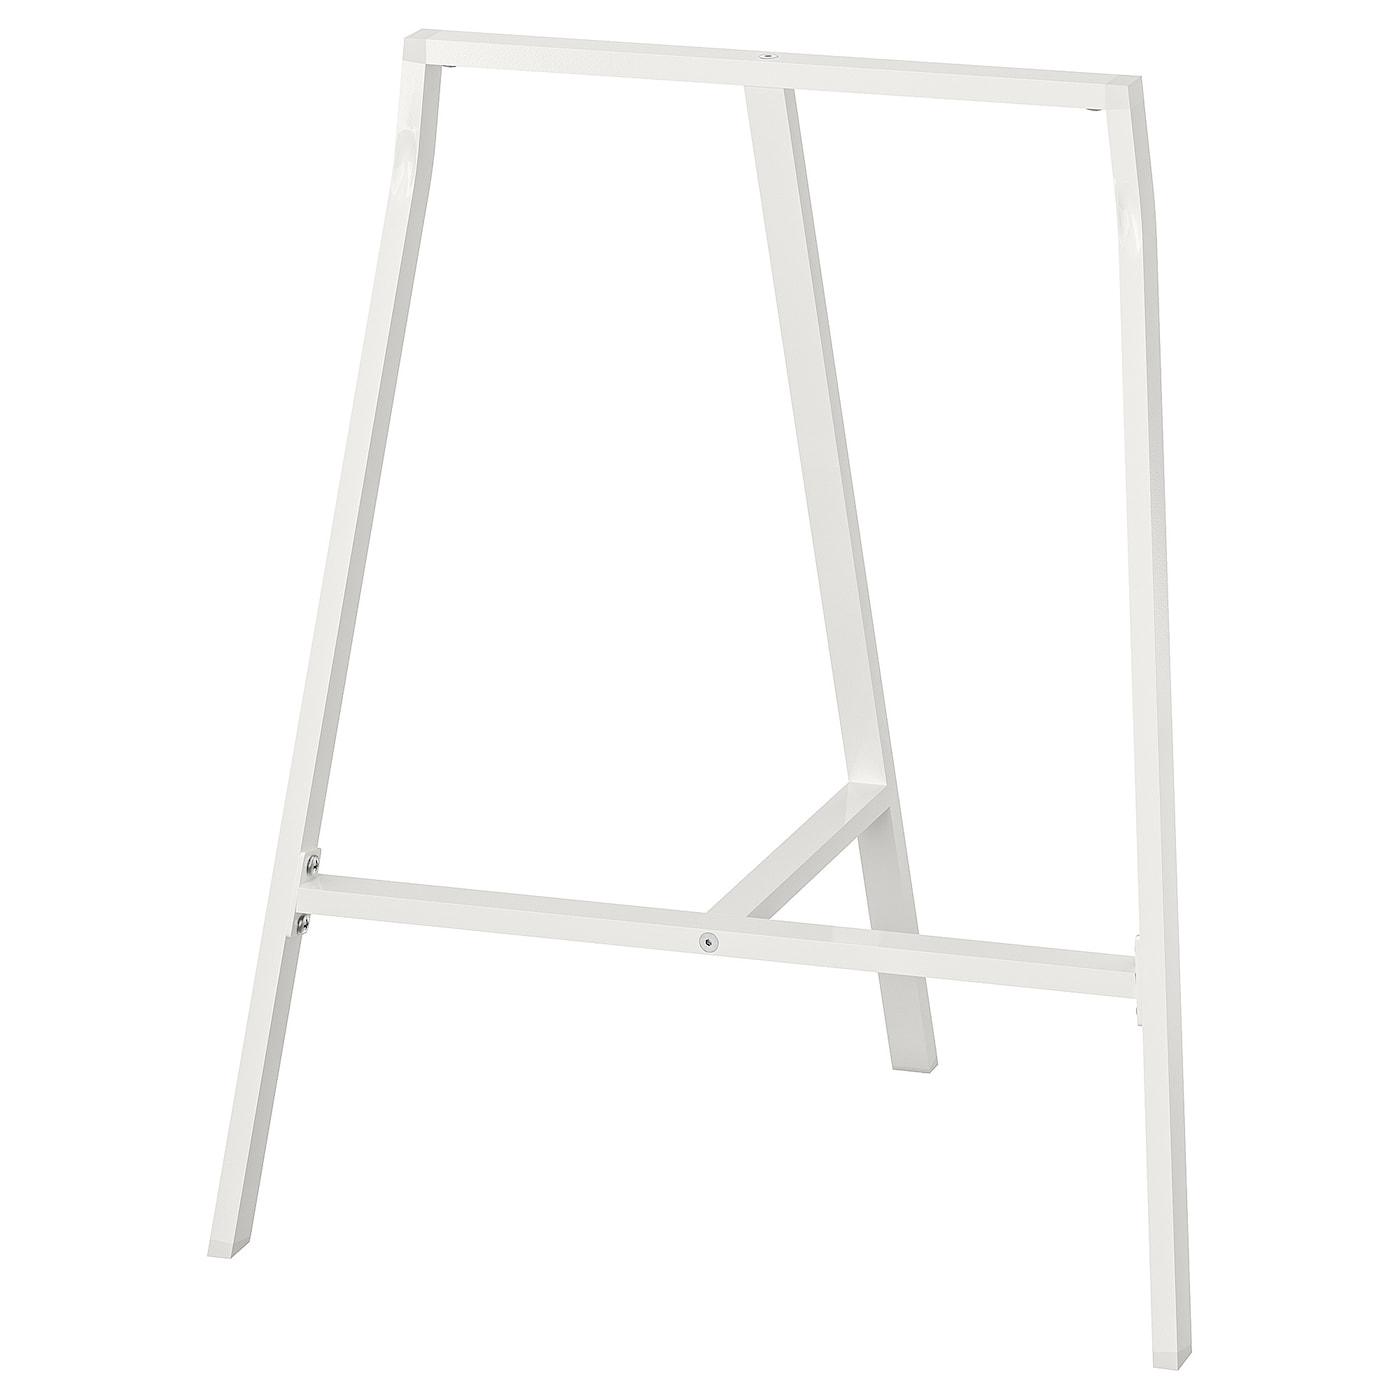 Store Bateau Blanc Ikea 70 cm jambe de ricin blanc ikea krille meubles cuisine & maison